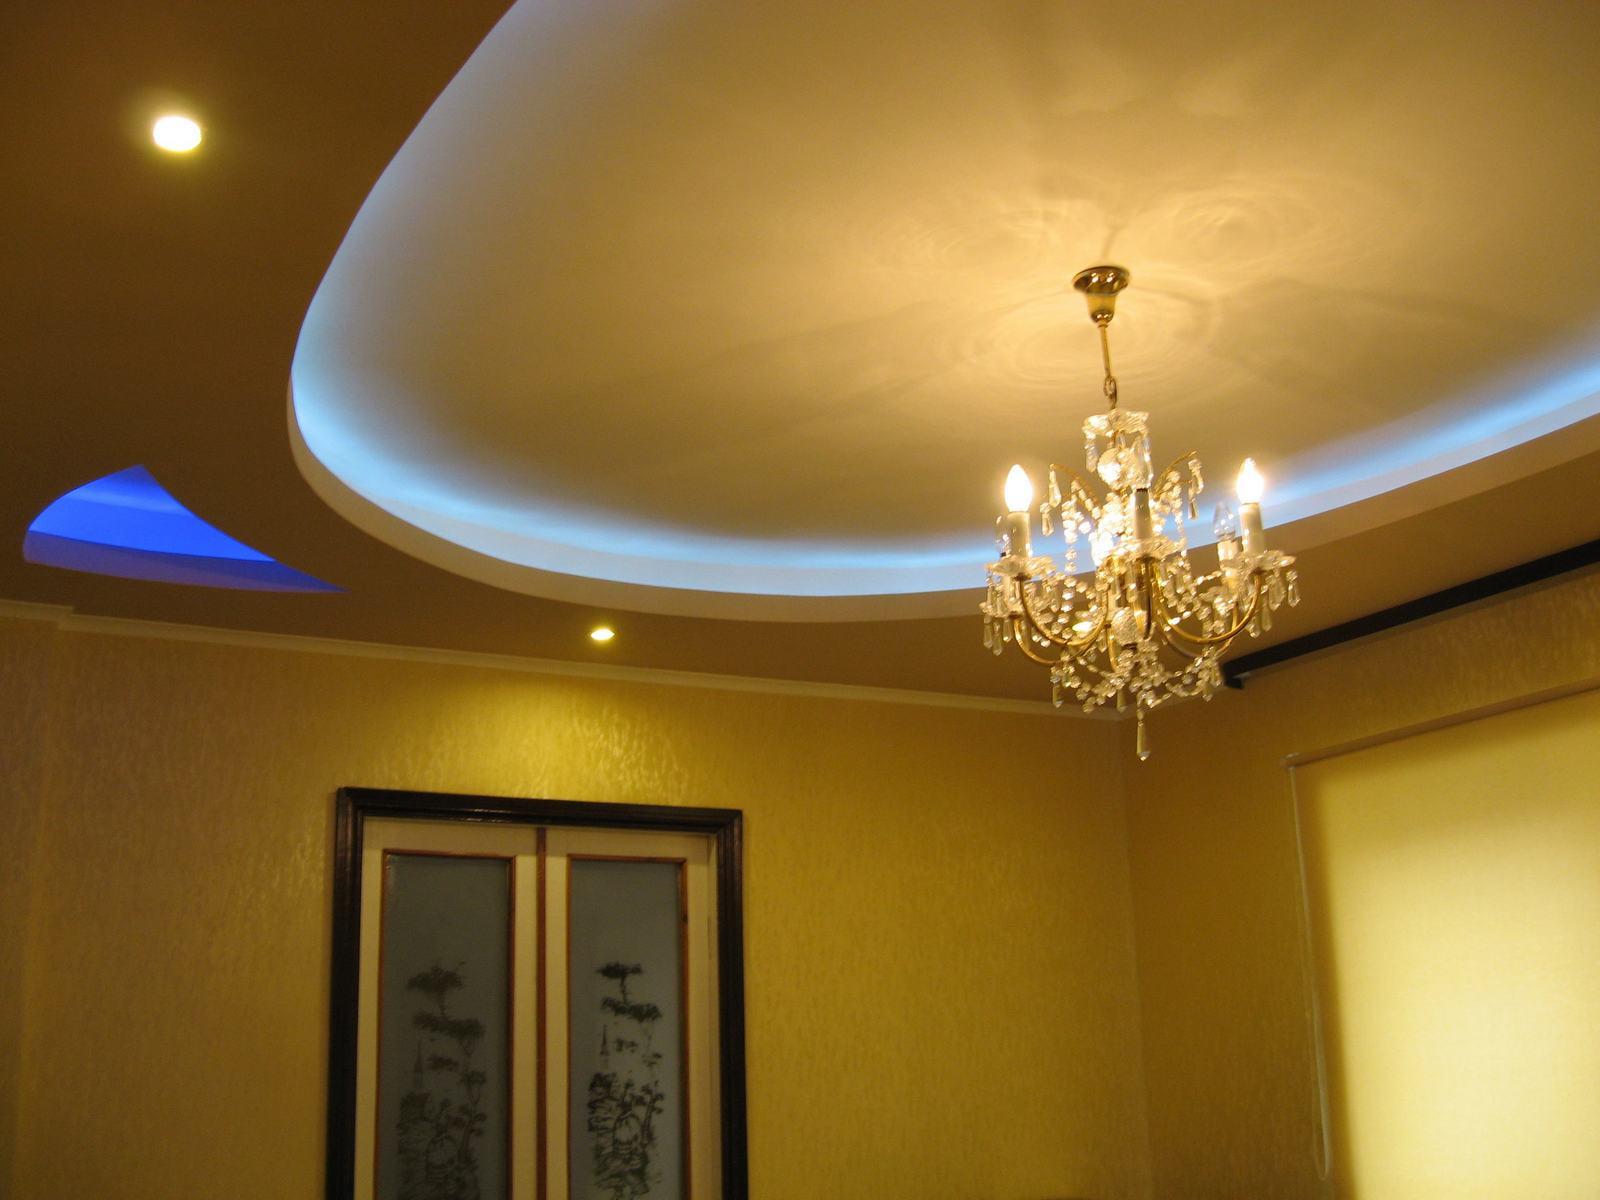 Разница, что лучше и дешевле – натяжной или подвесной потолок